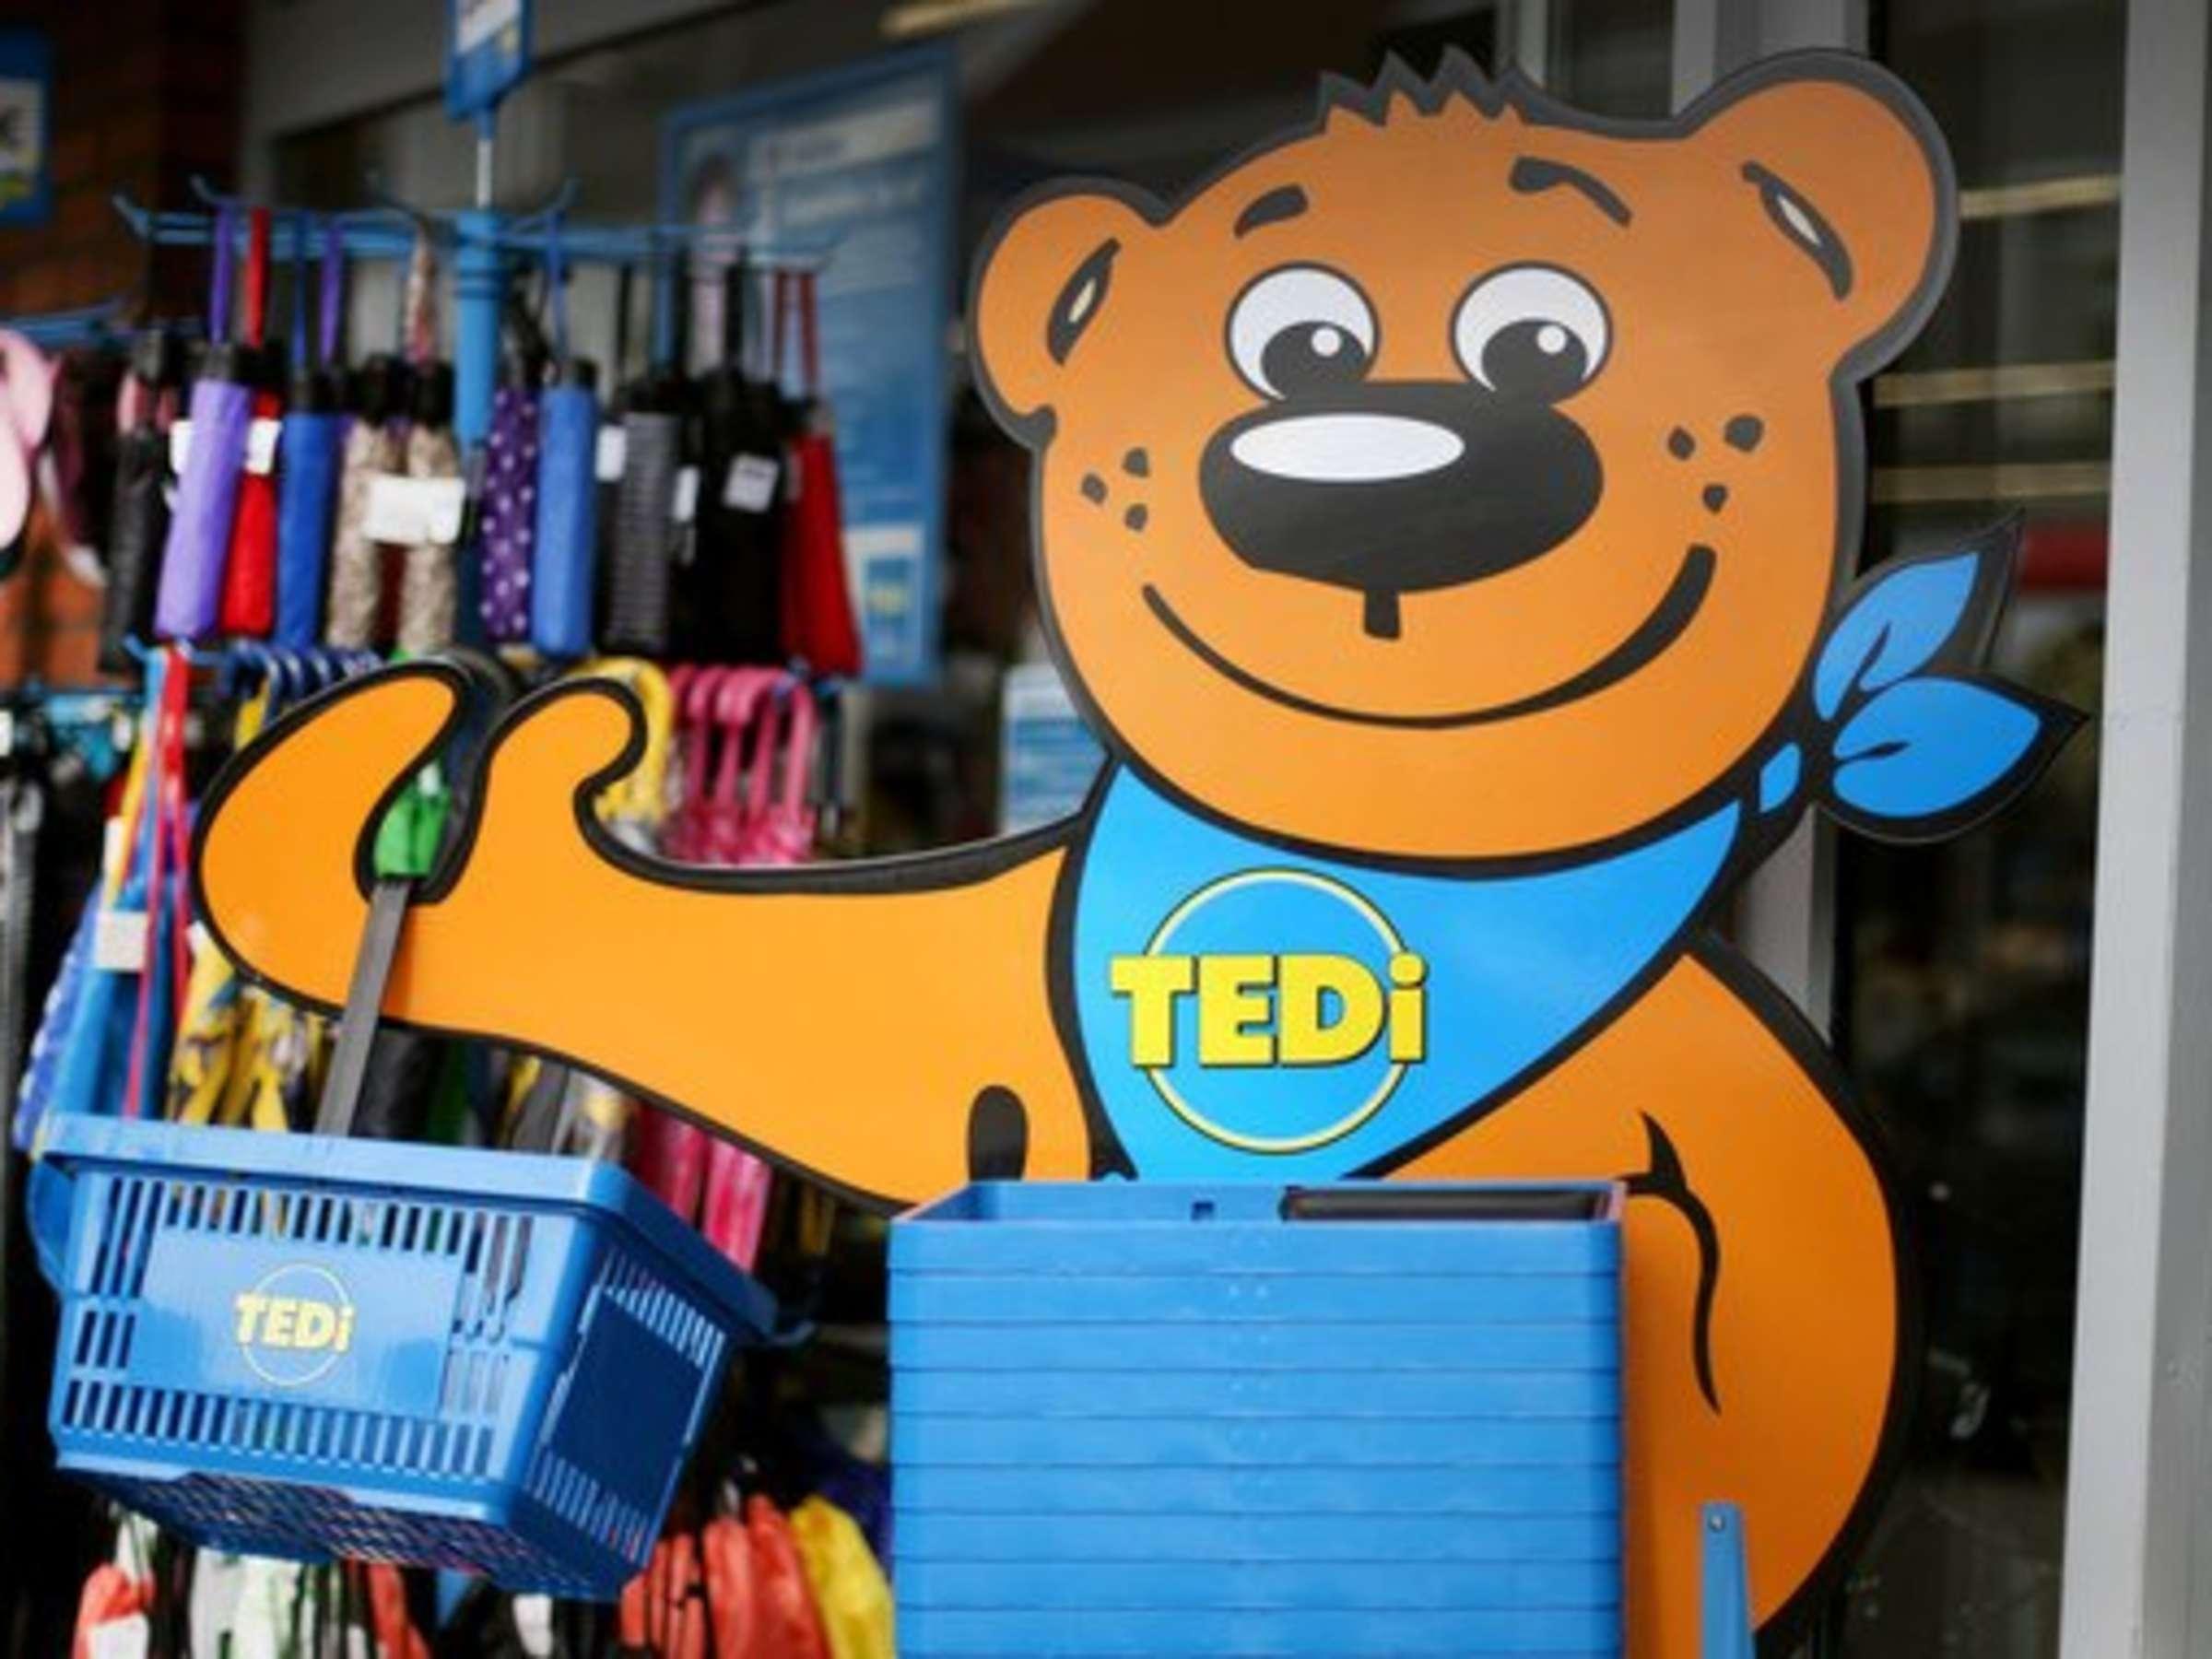 Tedi Ruft Halloween Spielzeug Zuruck Gesundheitsgefahr Welt